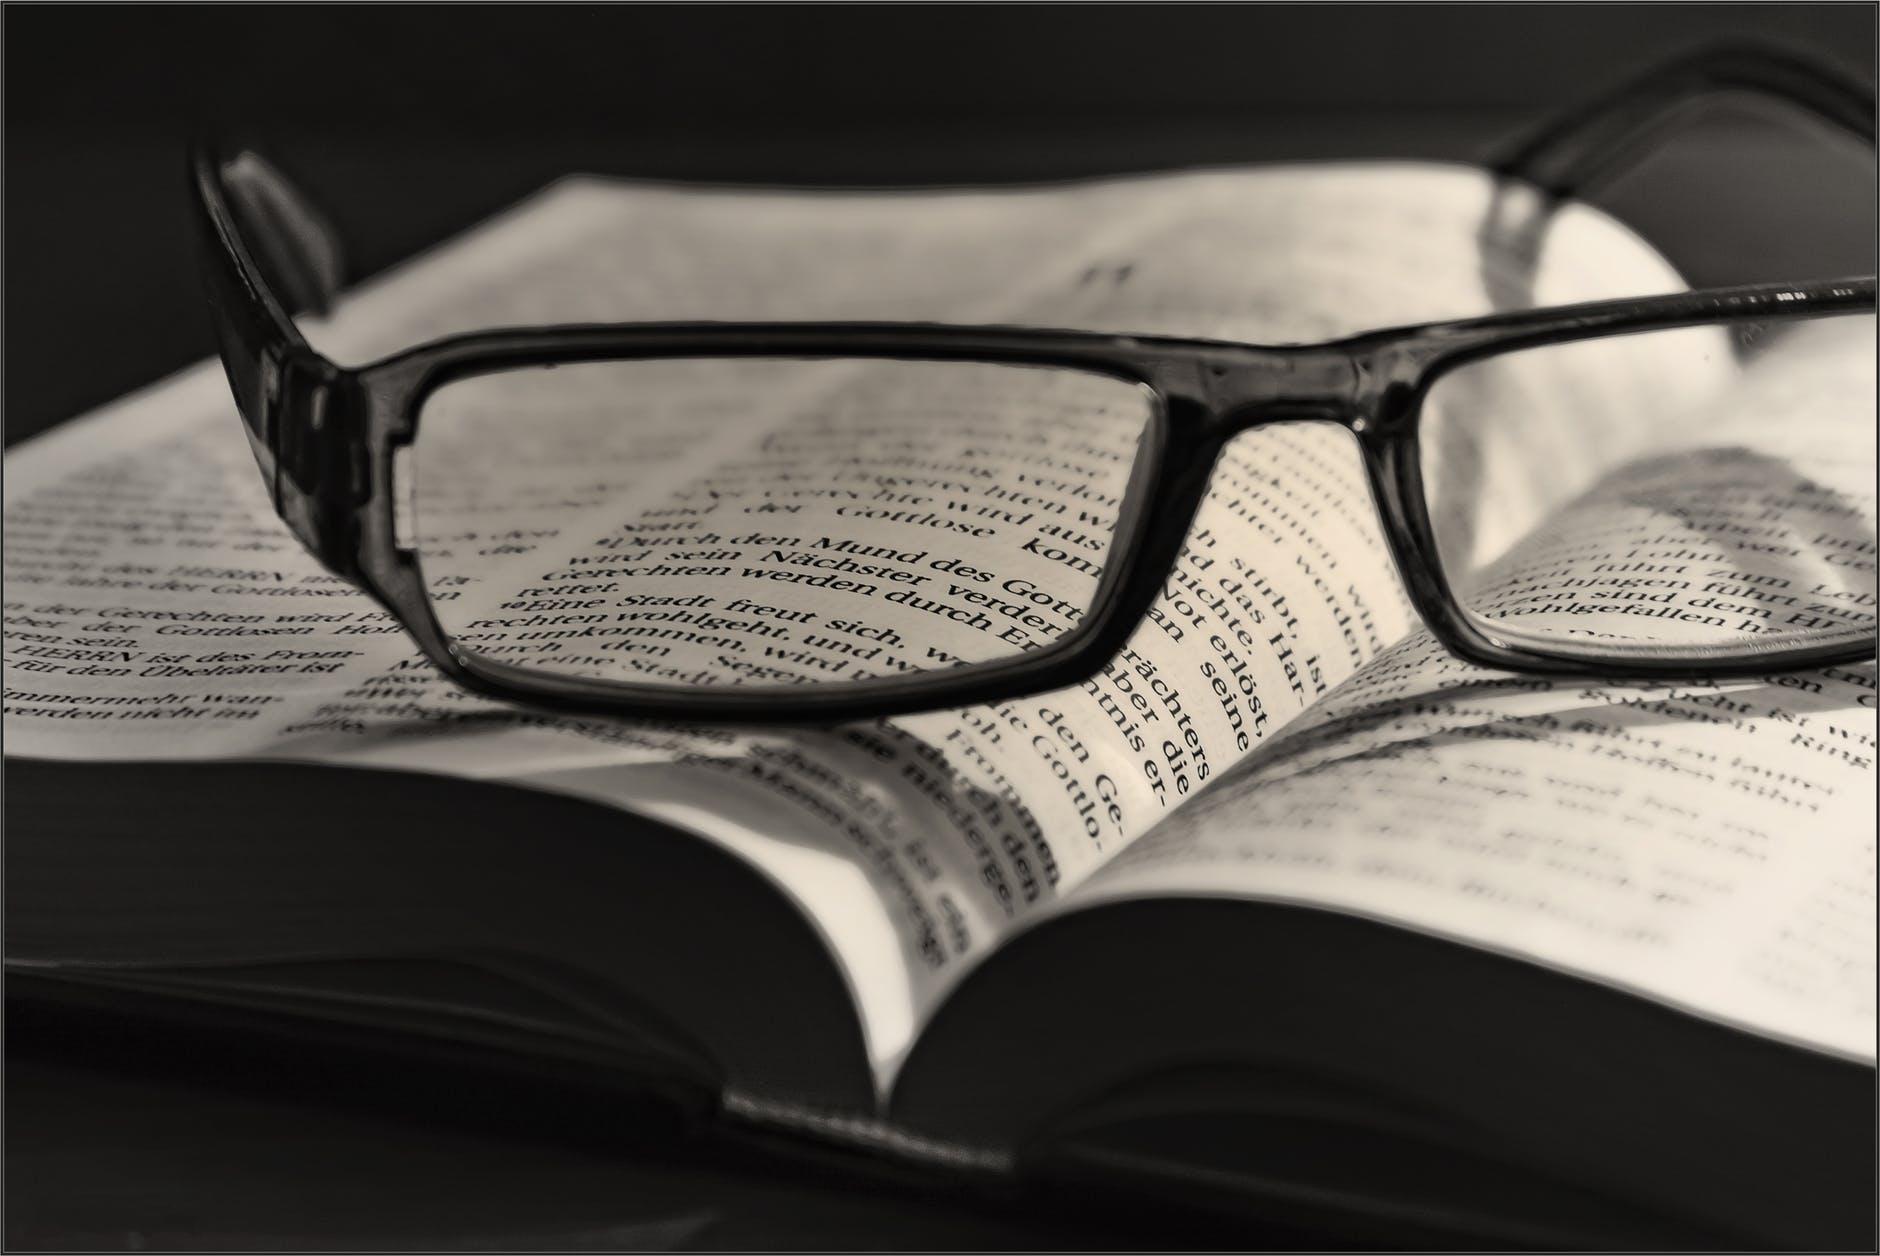 Read the Bible Shalom101.com